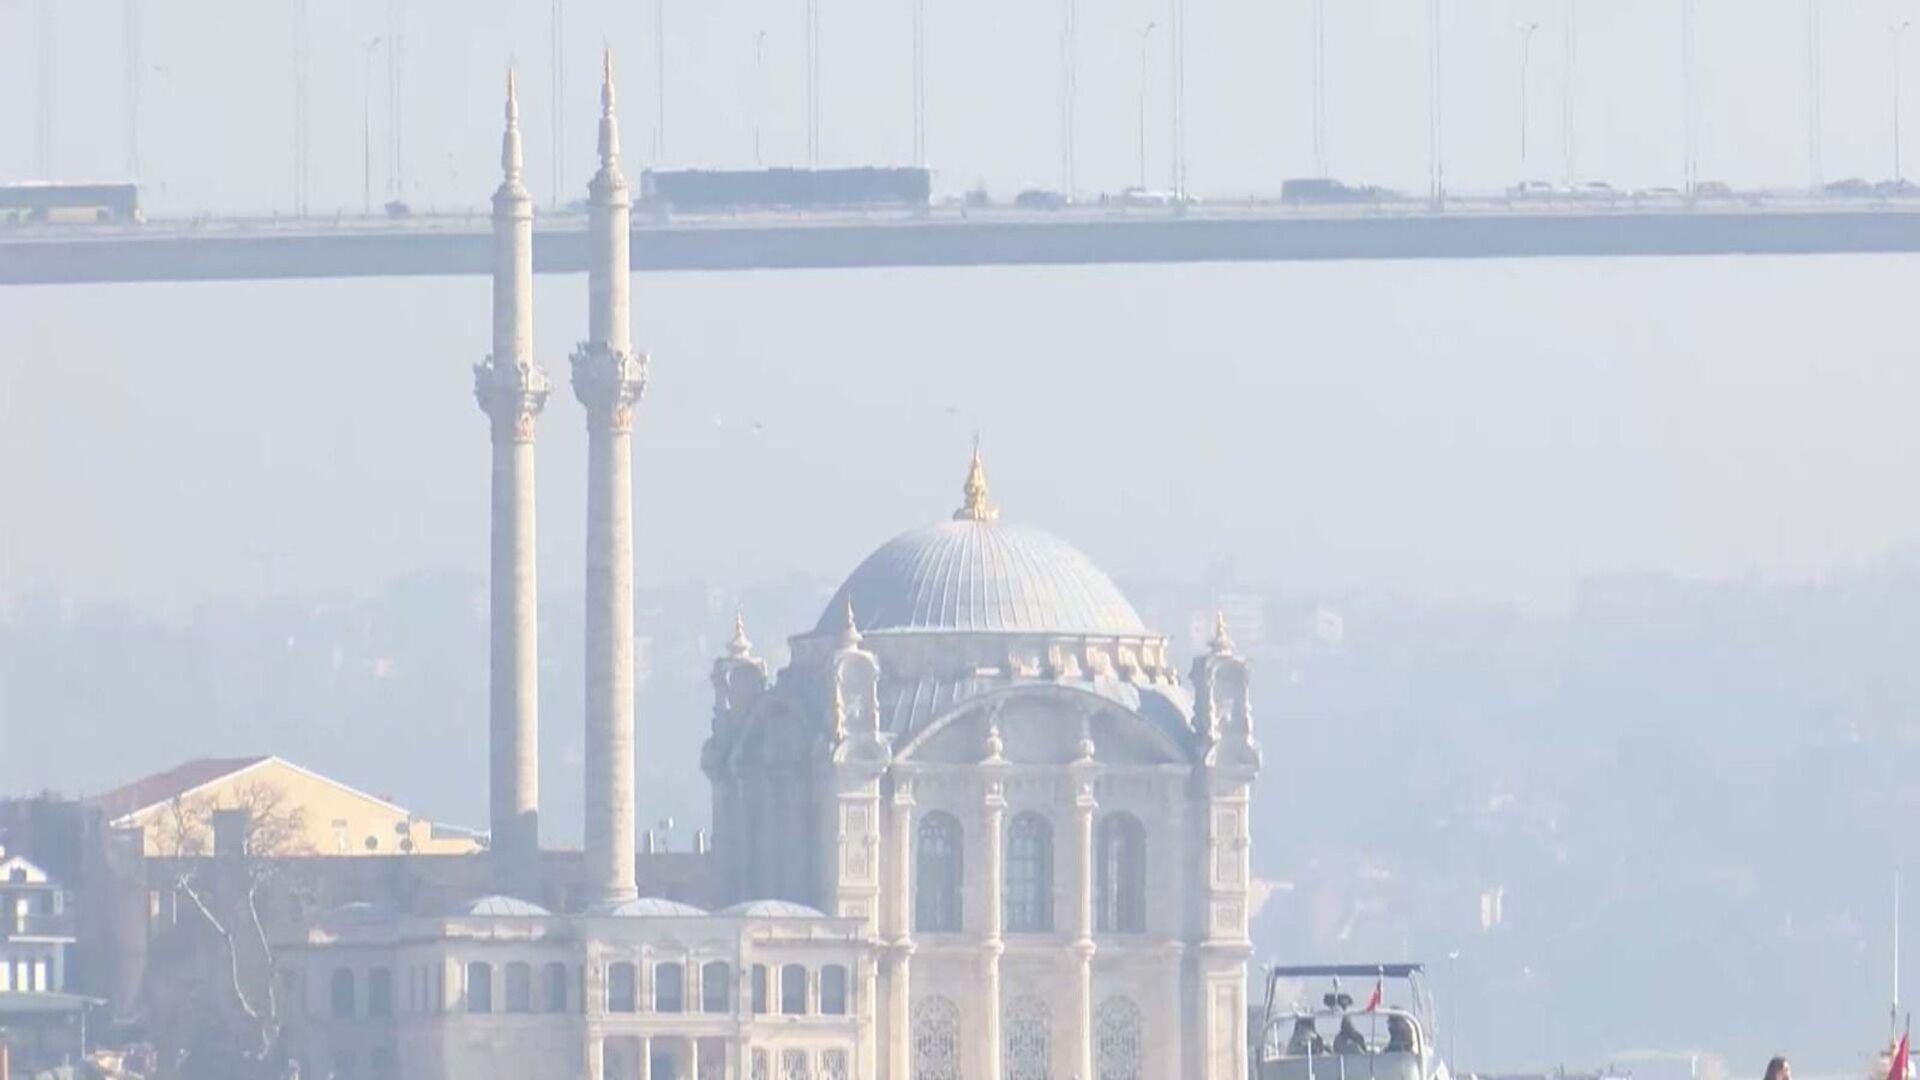 İstanbul hava kirliliği - Sputnik Türkiye, 1920, 24.09.2021